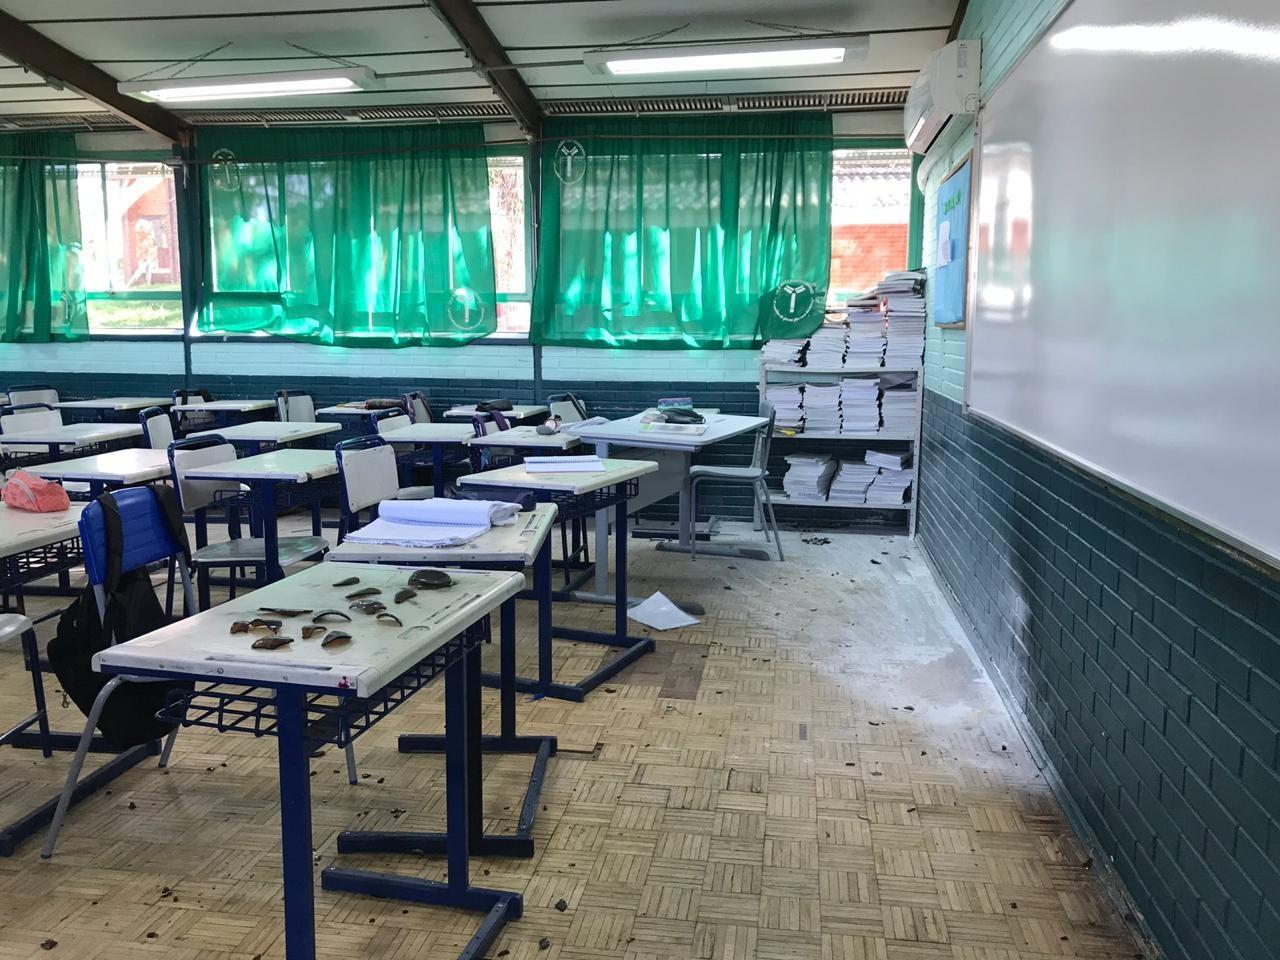 'Fiquei nervoso, um monte de gente chorando, gritando', relata aluno de escola atacada em Charqueadas  - Notícias - Plantão Diário